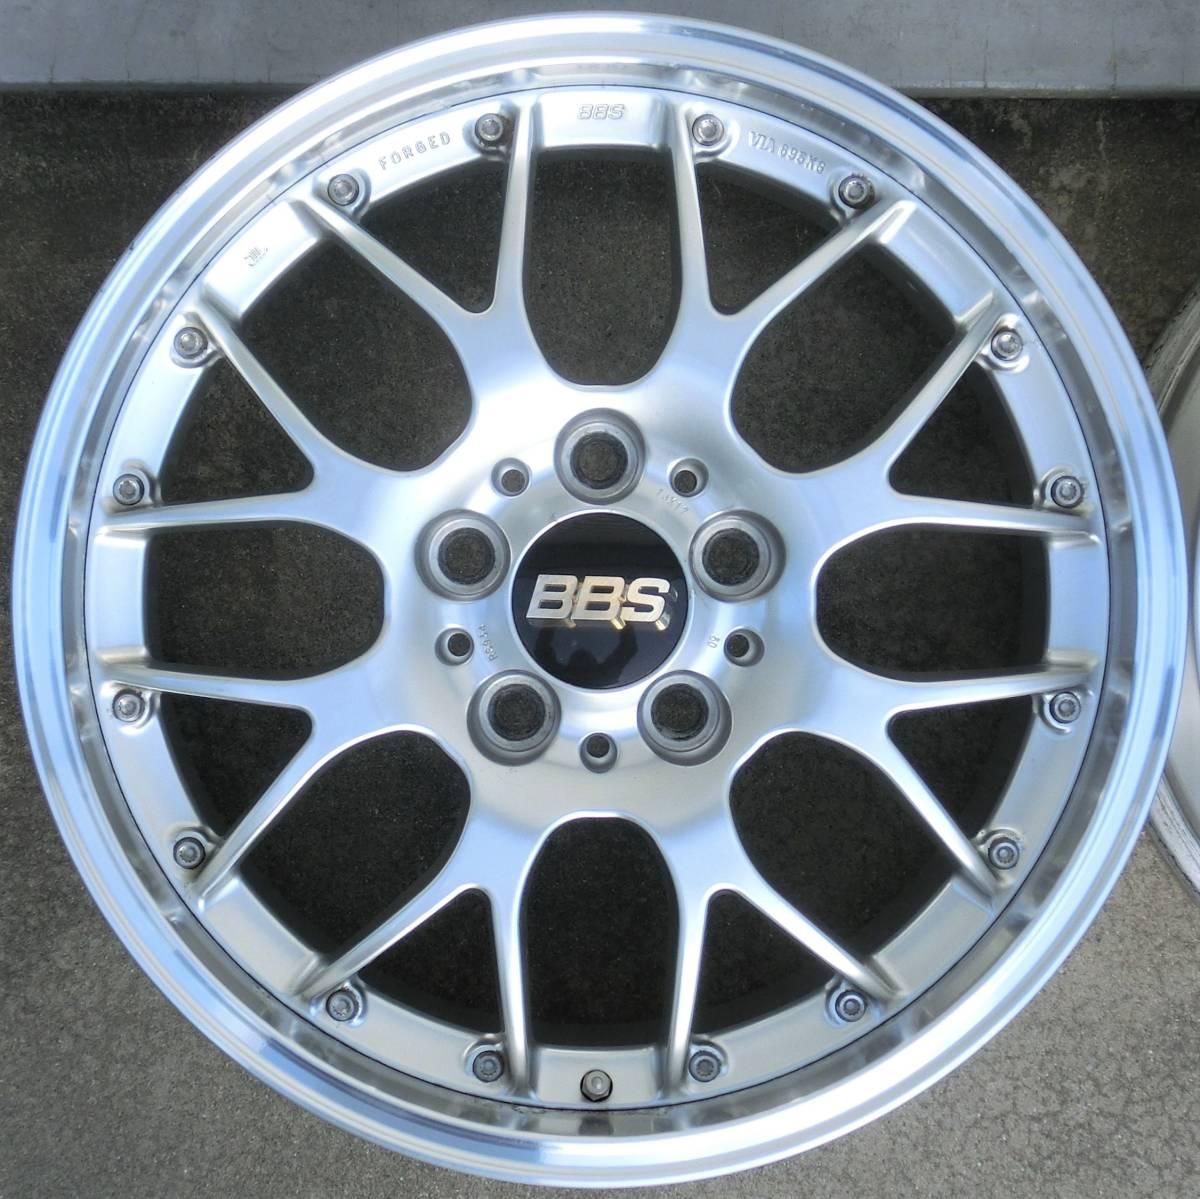 BBS RS-GT 17x7.0J+50 114.3 5H RS934 ノア ボクシー C-HR ステップワゴン オデッセイ セレナ CX-5 CX-3 CR-Z アクセラRG-R RFレイズCE28N_画像4